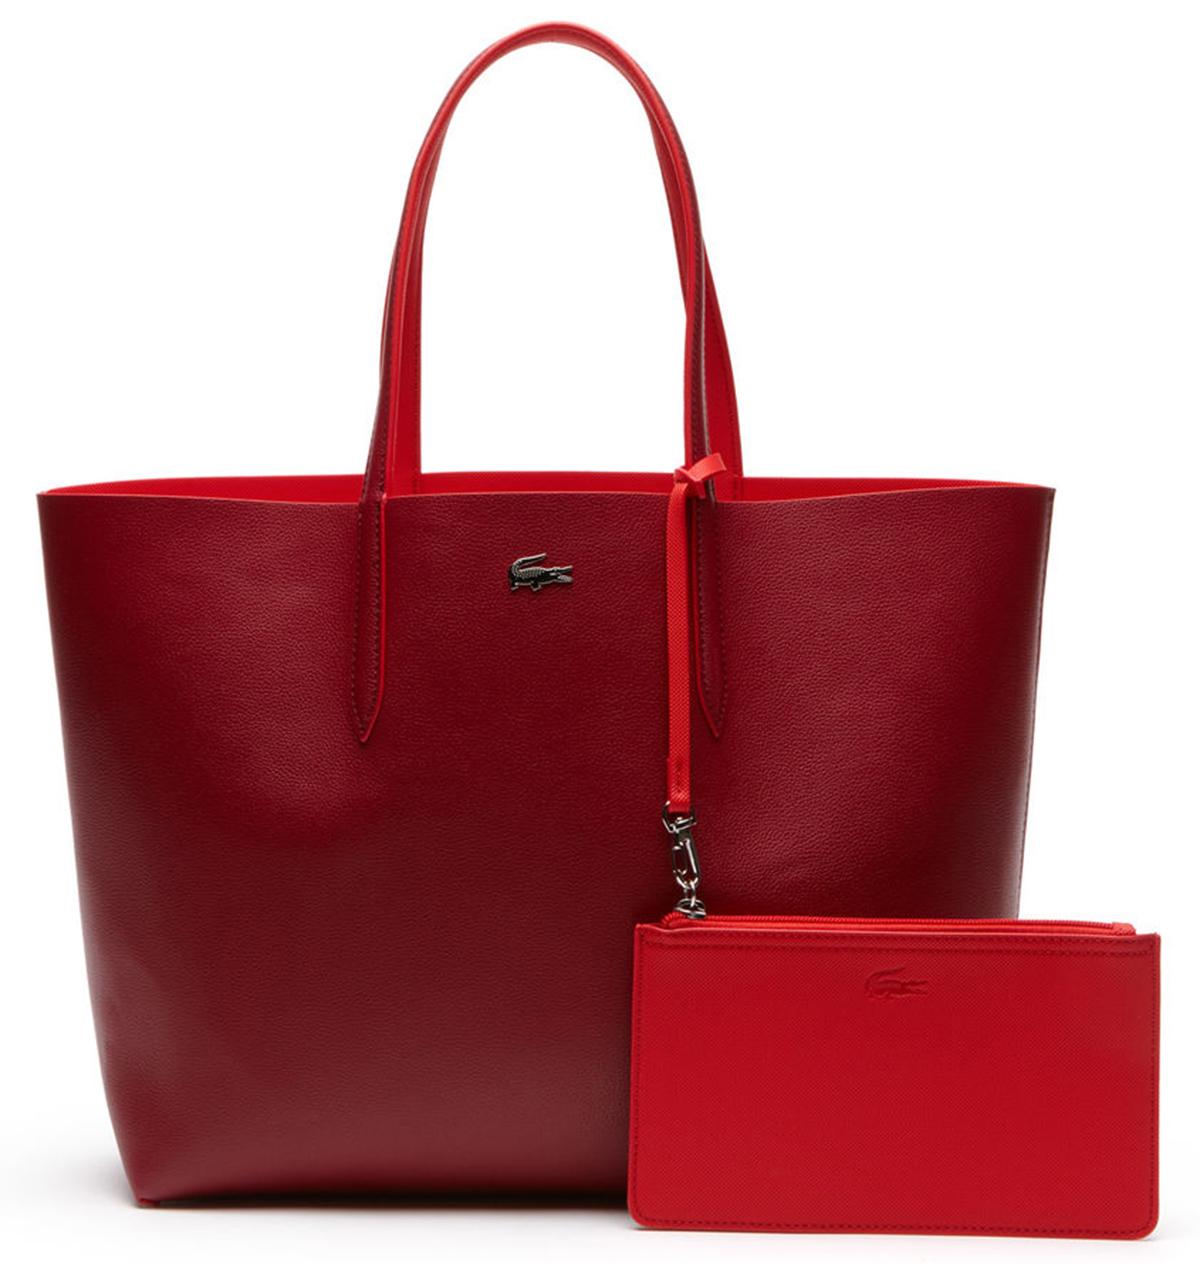 549525d1c2 Pour Pour Femme Shopping Sac Réversible Lacoste Lacoste Lacoste tqRwSO